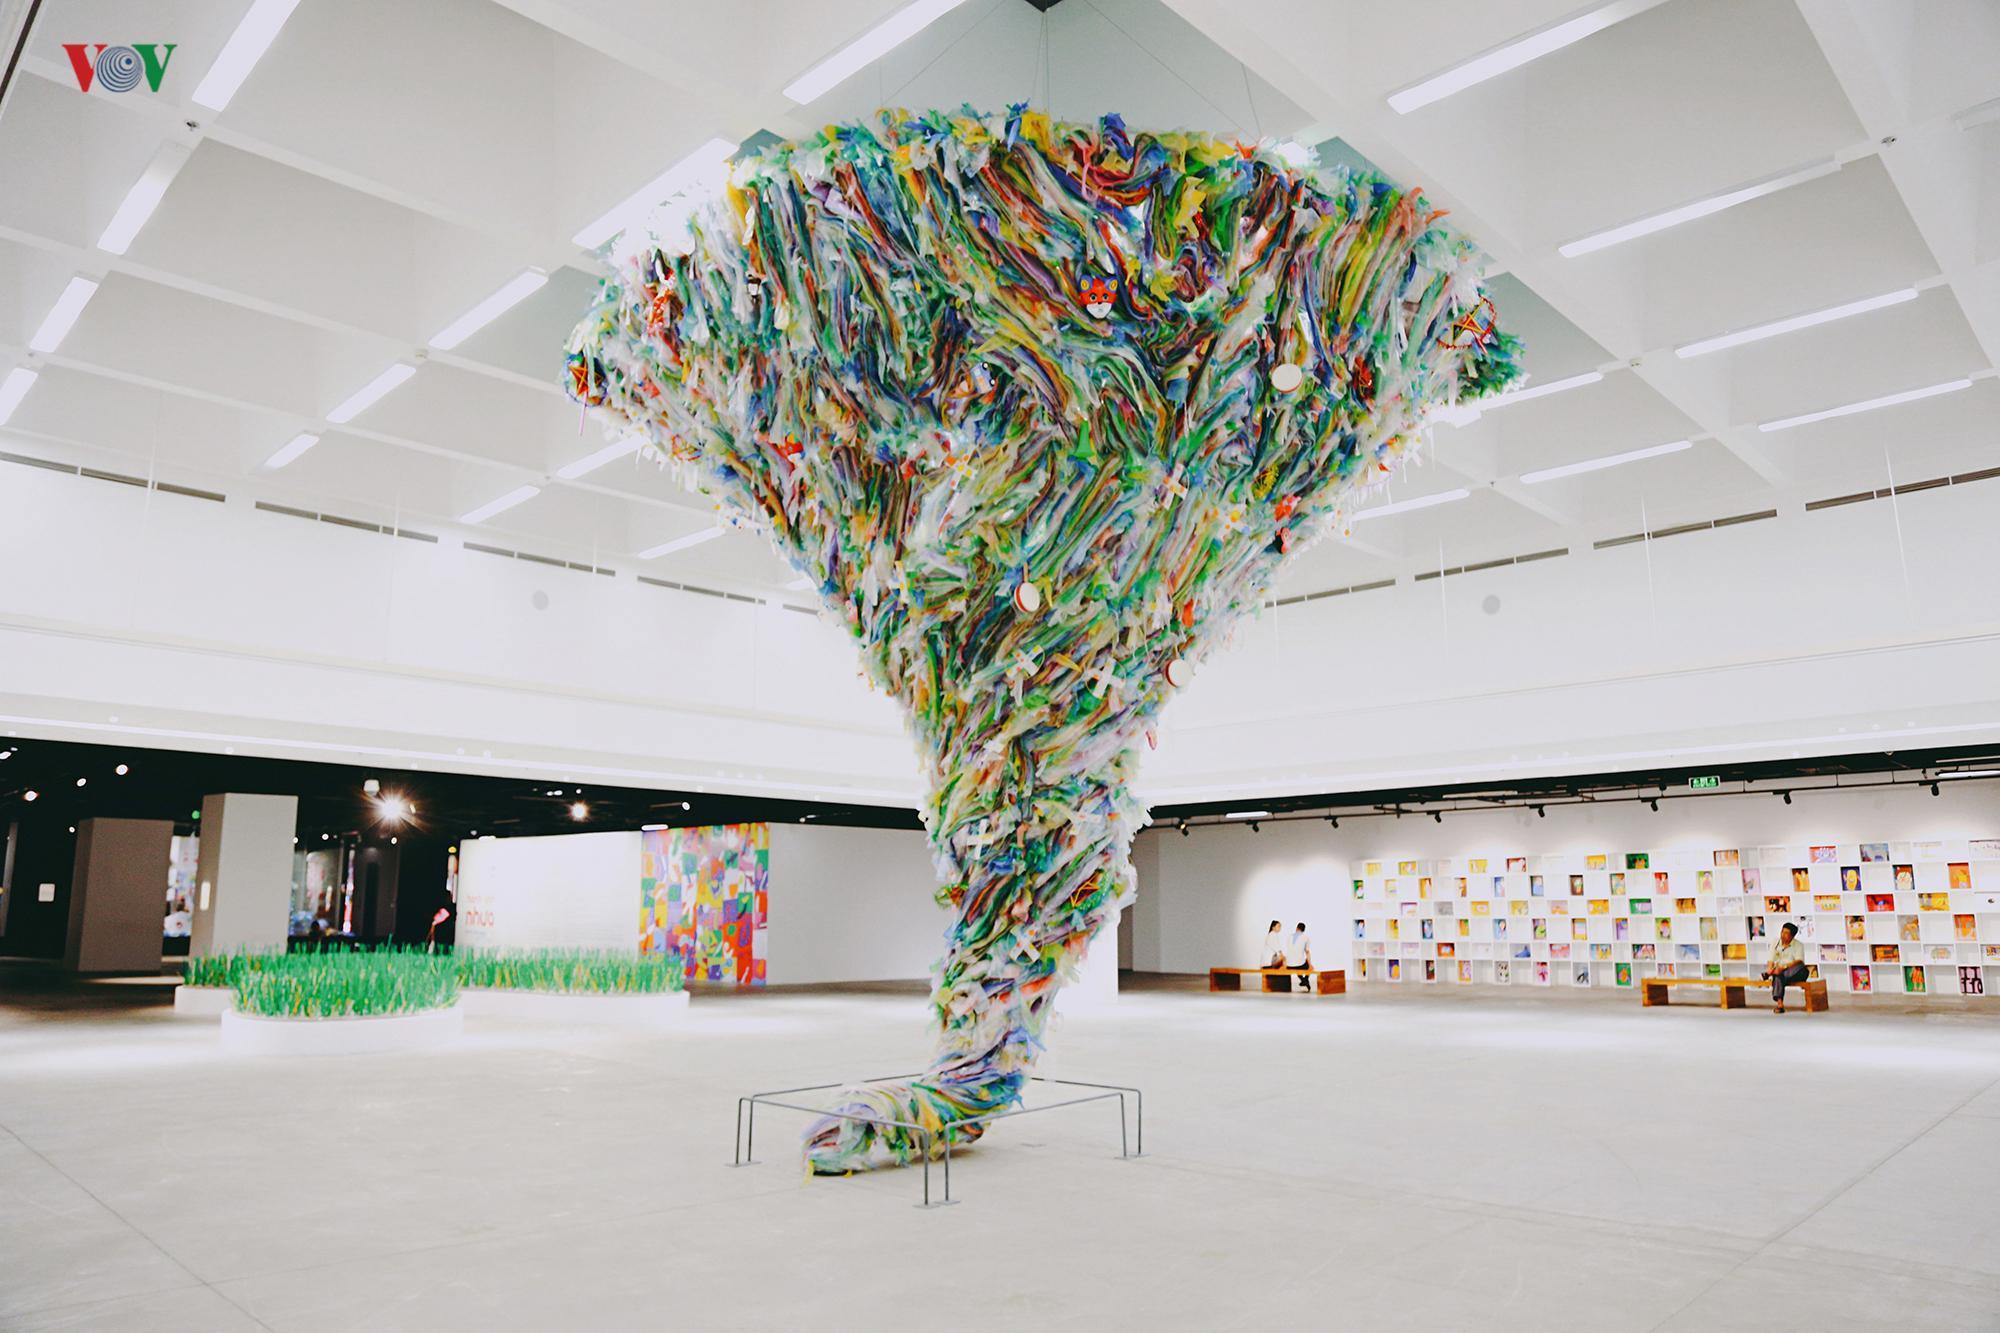 Ám ảnh những tác phẩm nghệ thuật từ rác thải nhựa